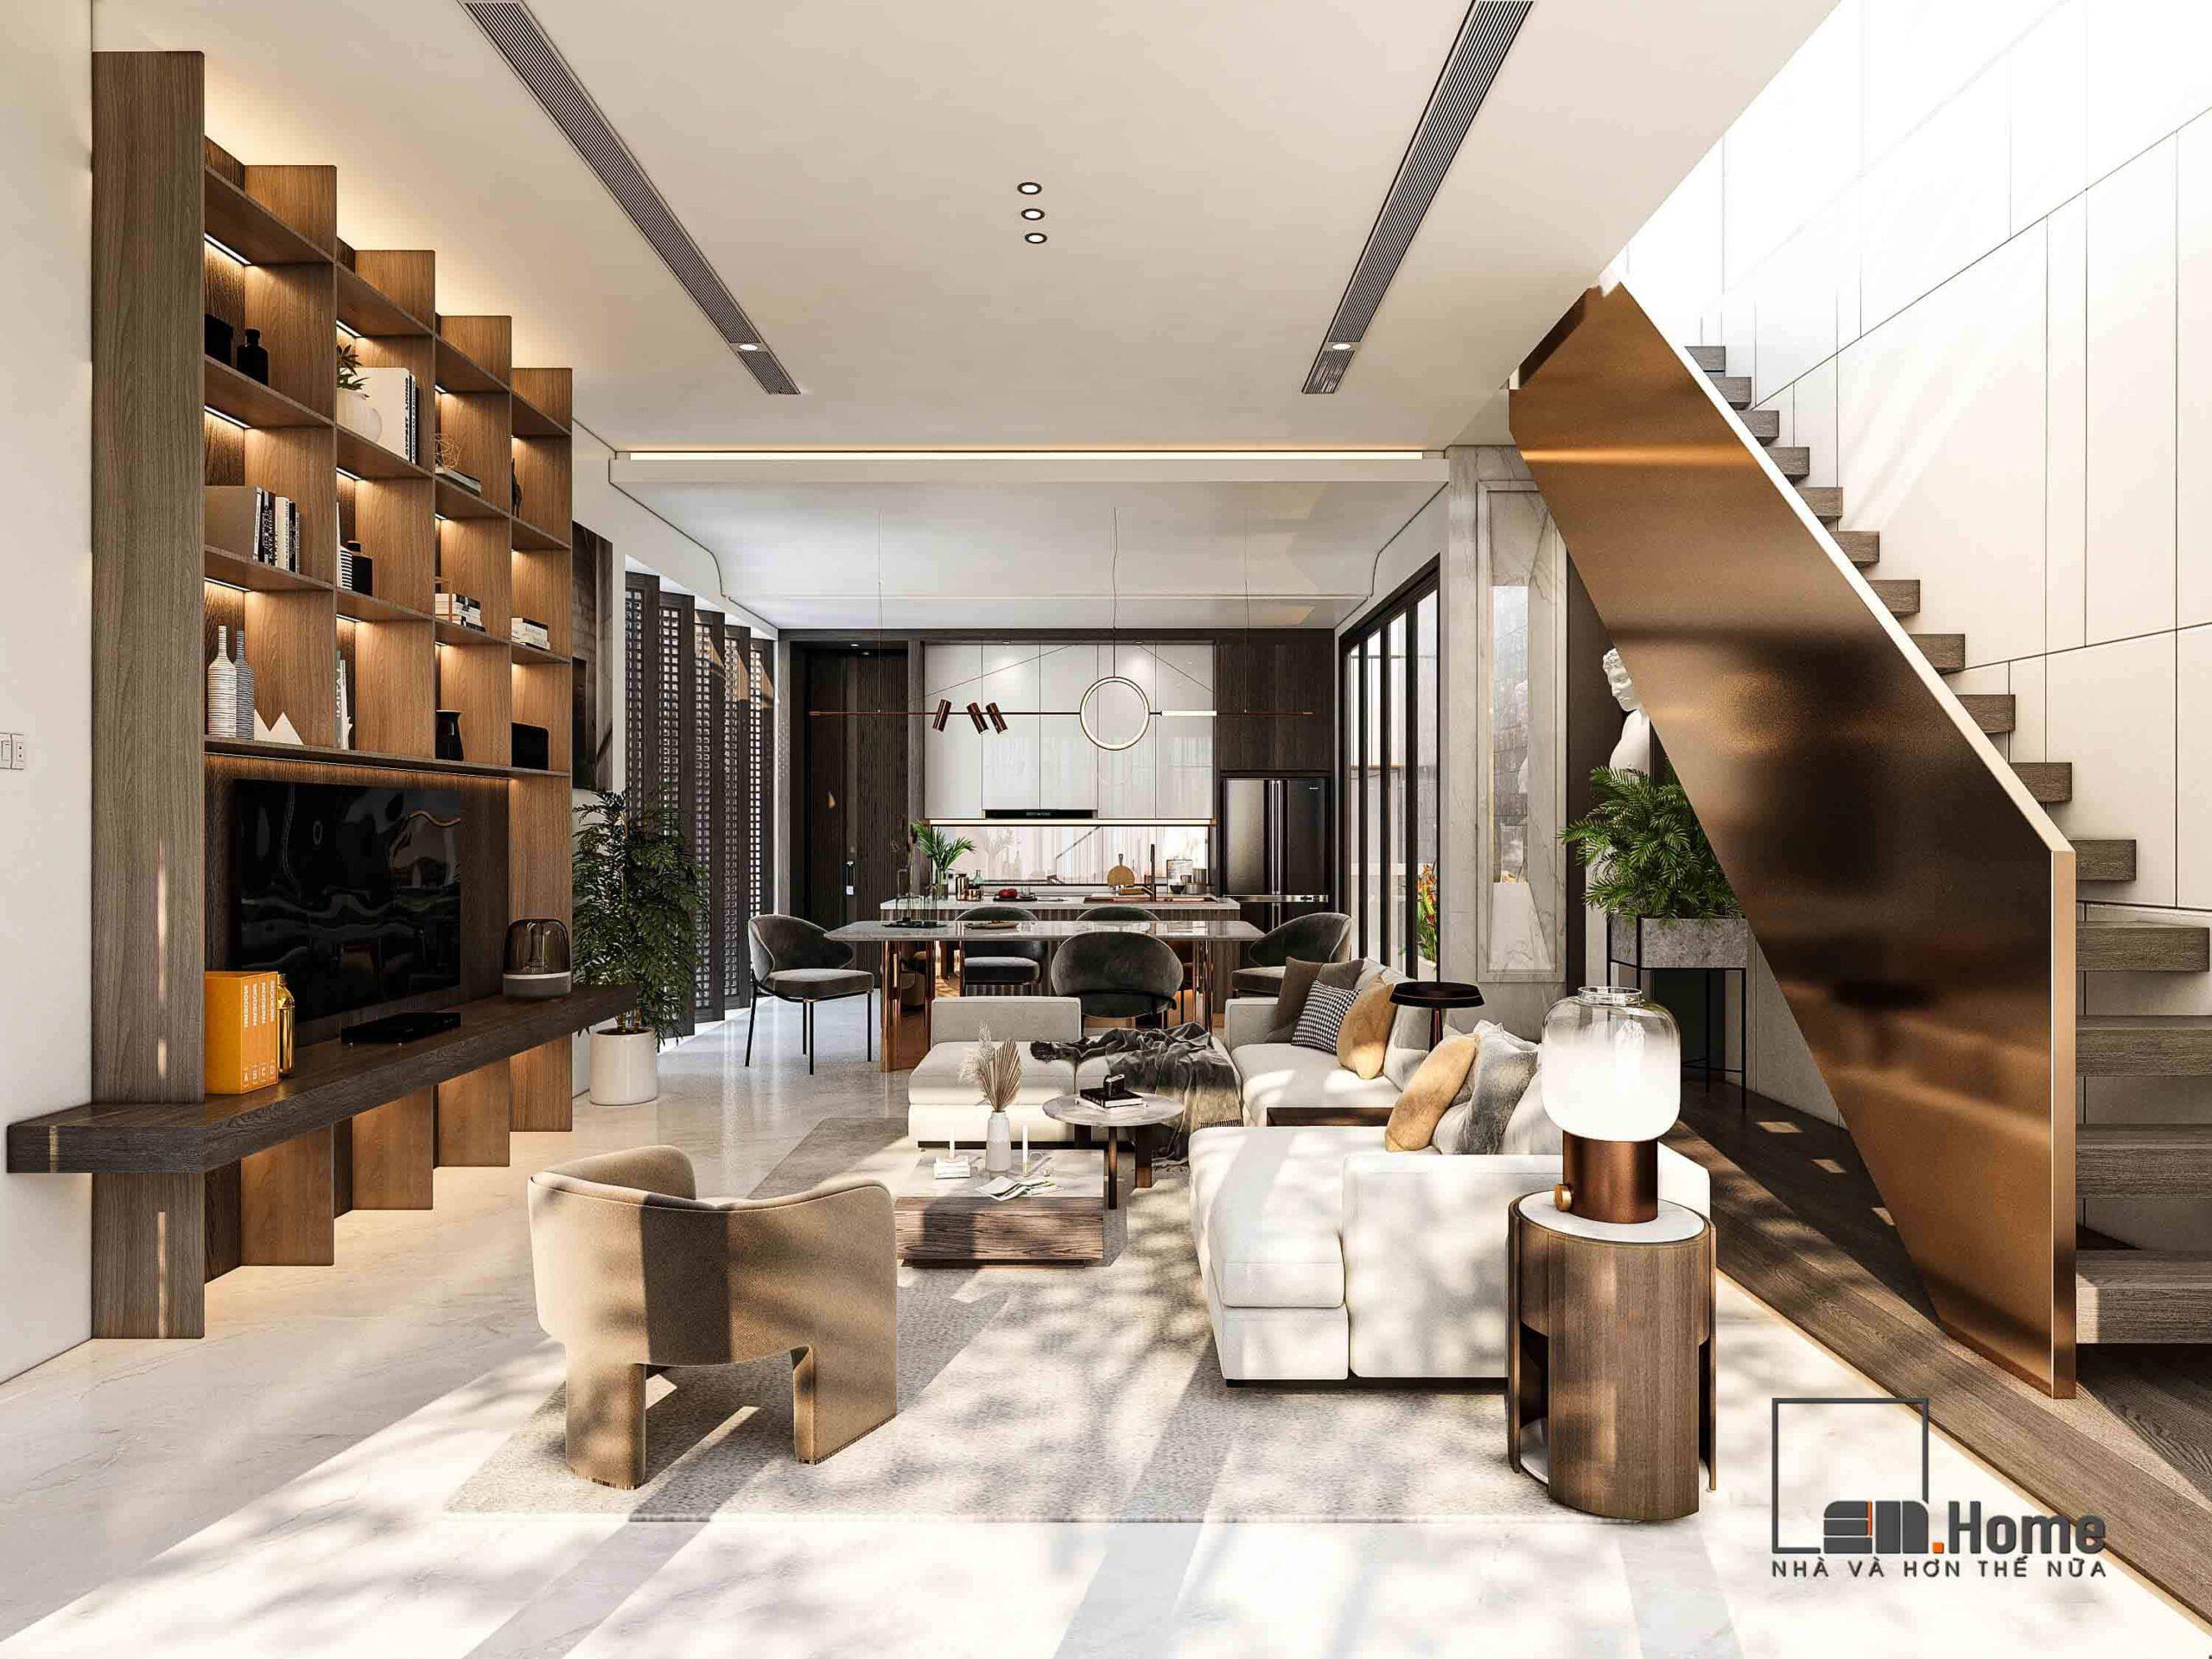 Thiết kế nội thất biệt thự anh Tuấn